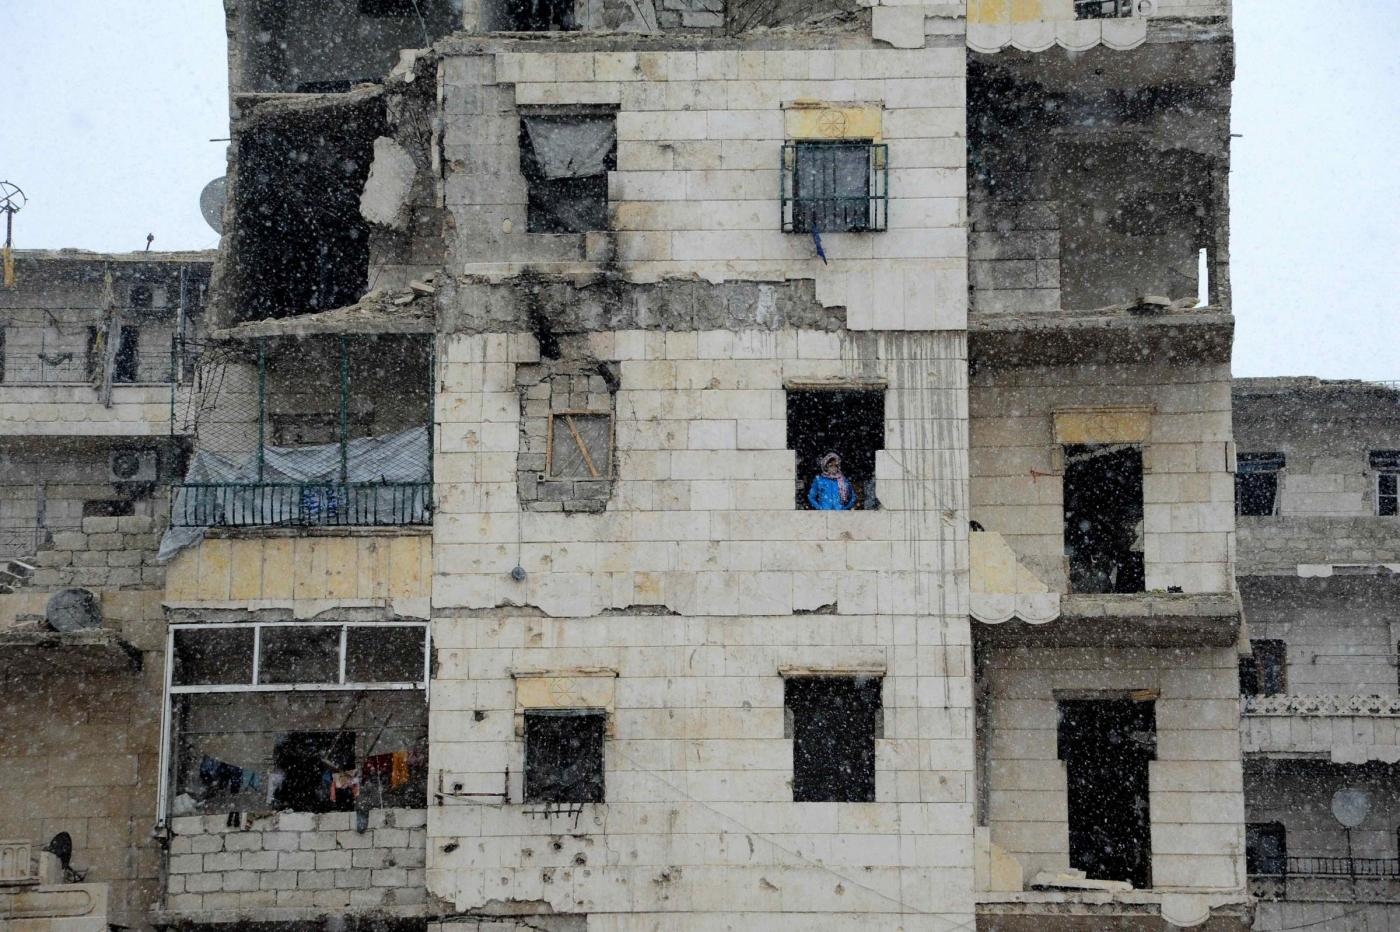 Siria: la guerra, la distruzione di Aleppo, in una foto simbolo